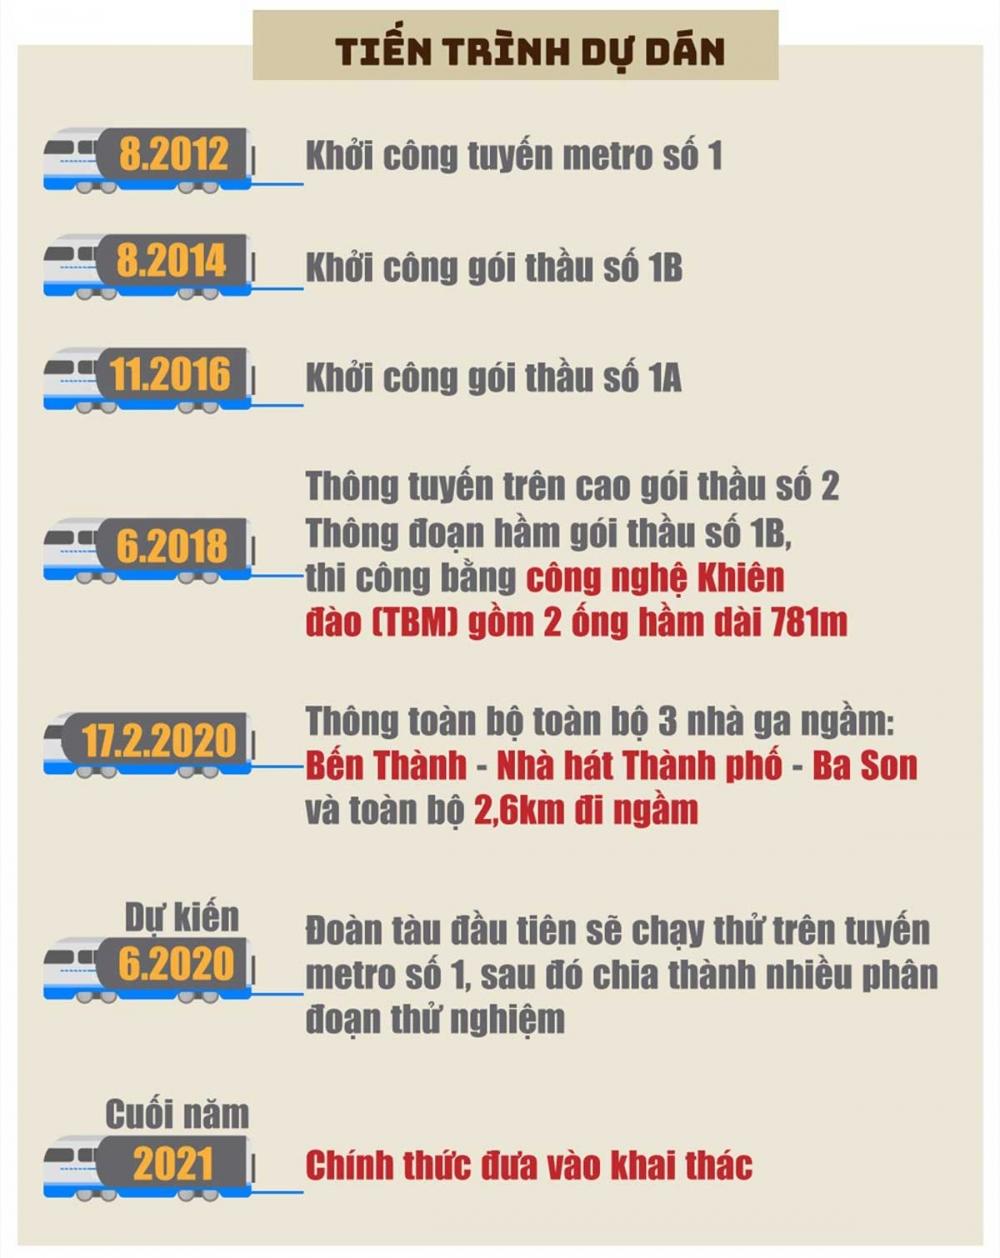 tien-do-thi-cong-du-an-metro-so-1-ben-thanh-suoi-tien-1000x2000.jpg